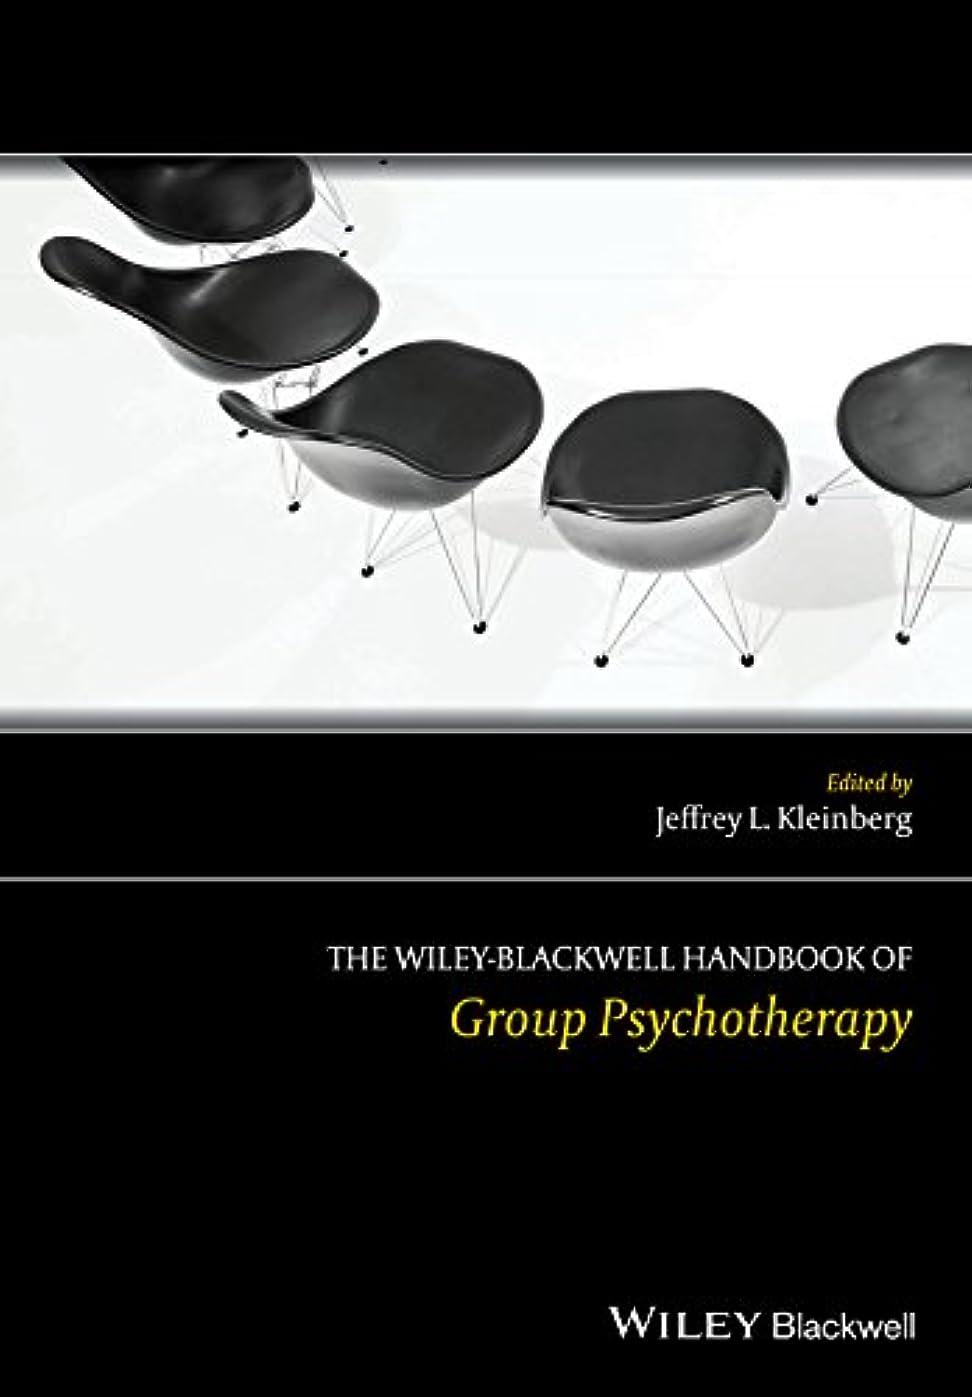 うめき声謝るそのThe Wiley-Blackwell Handbook of Group Psychotherapy (Wiley Clinical Psychology Handbooks)